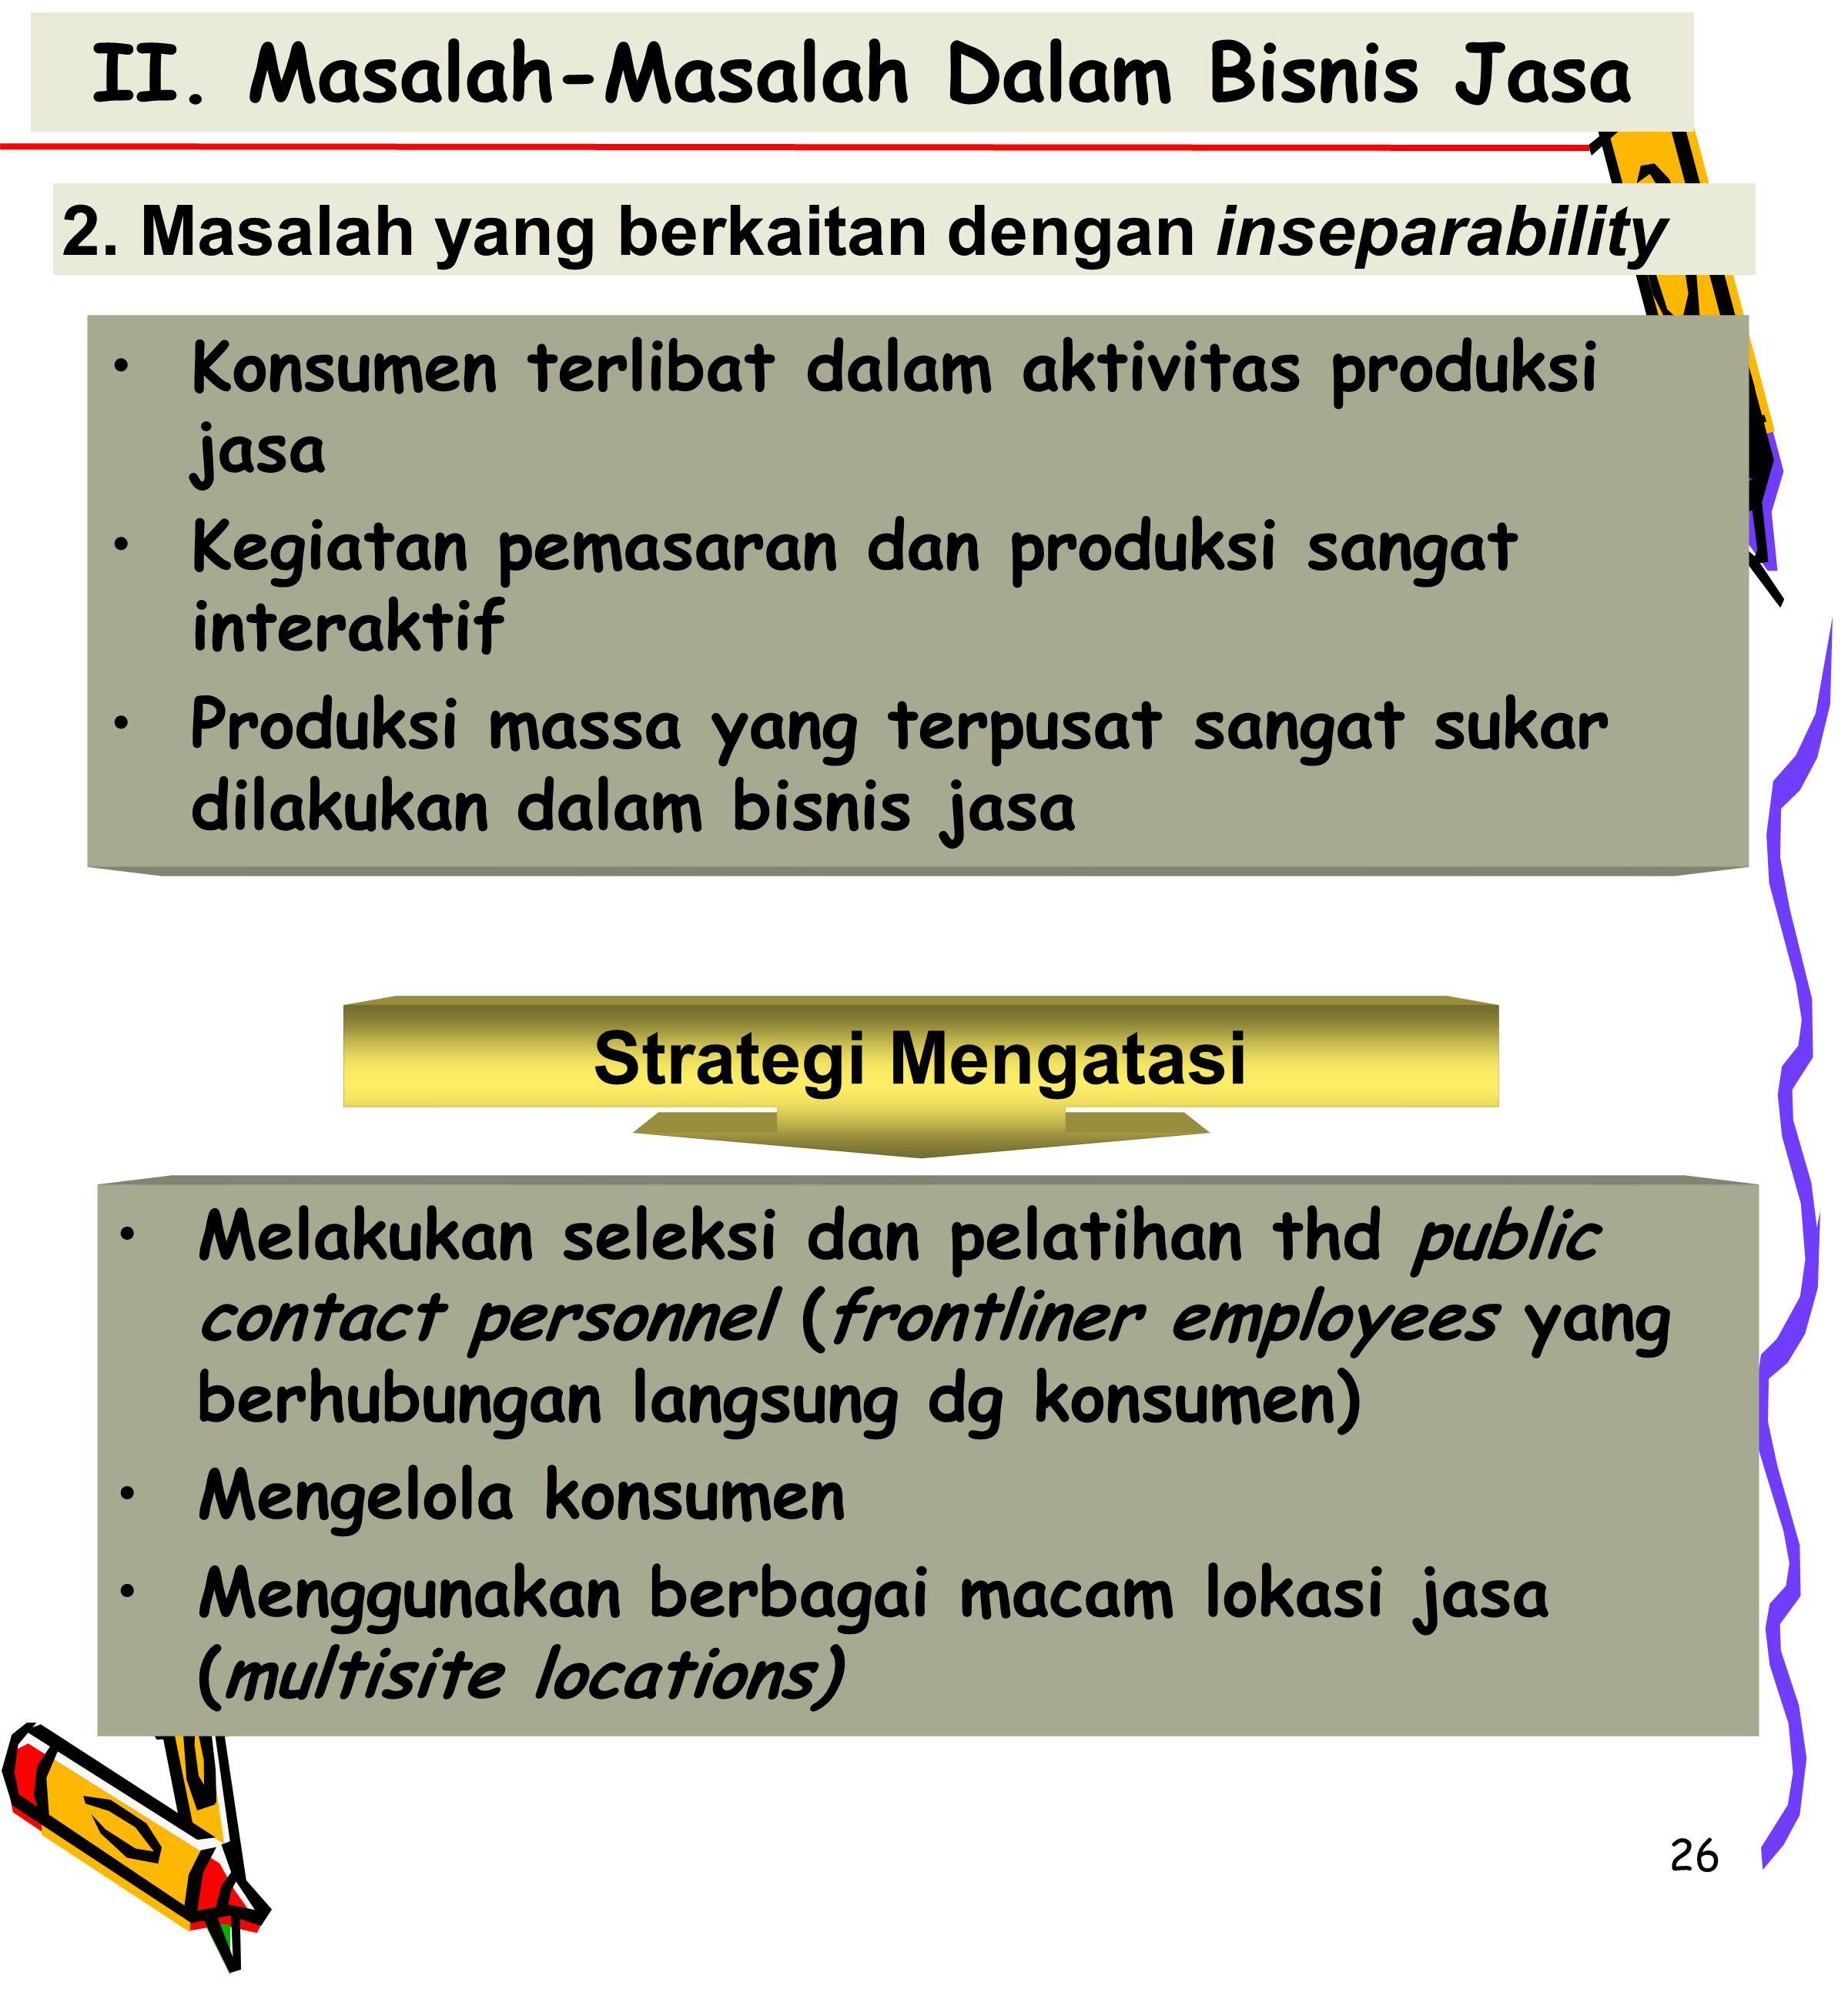 II. Masalah-Masalah Dalam Bisnis Jasa